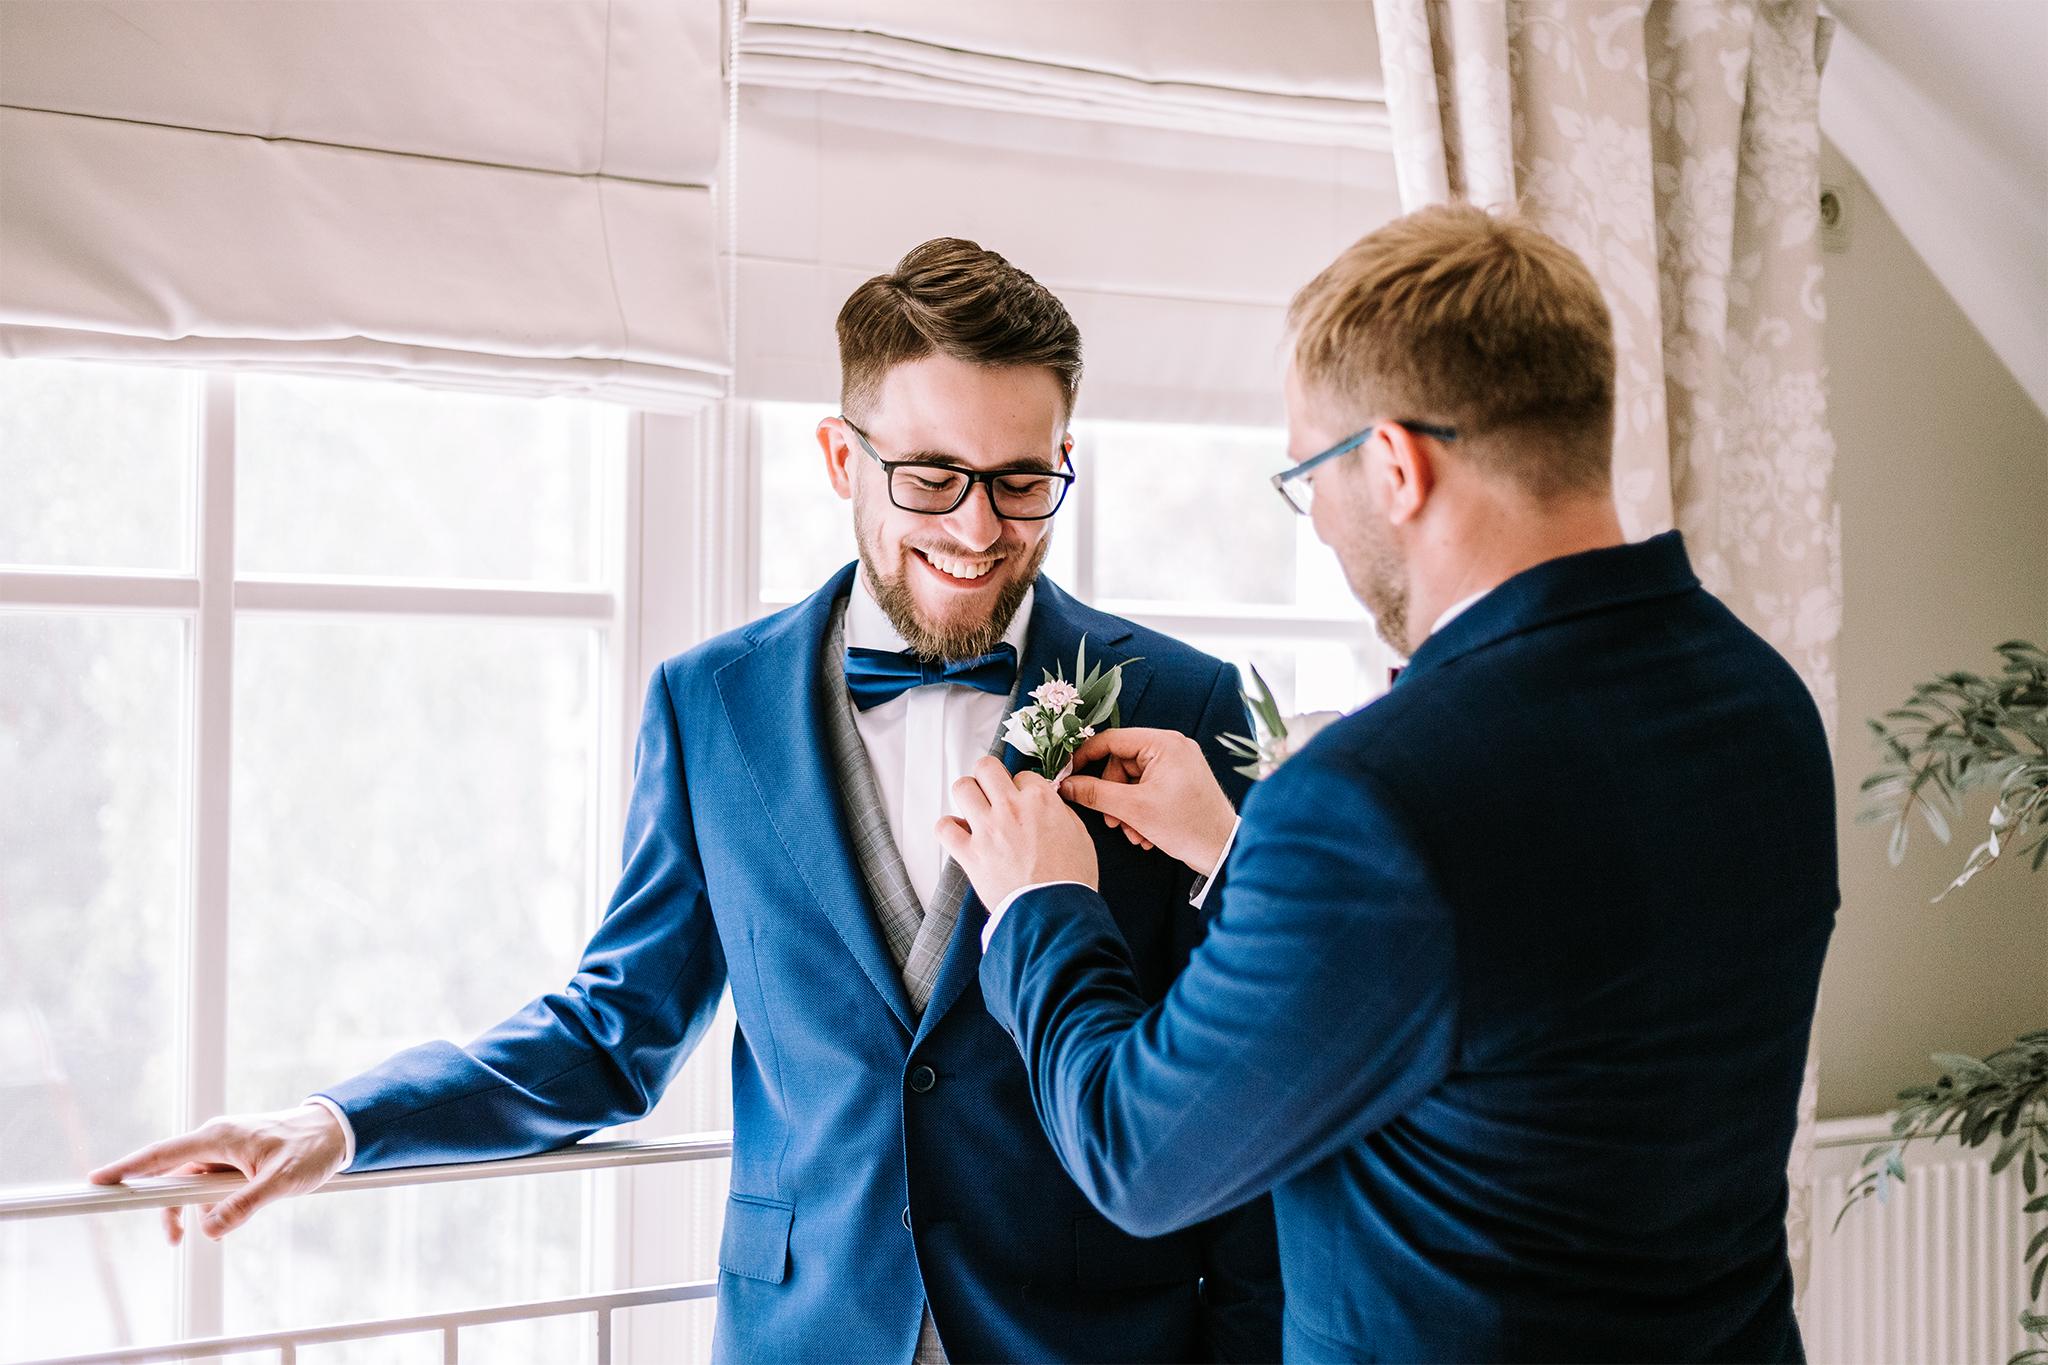 Ślub-plenerowy-dwór-złotopolska-dolina-olala-fotografia-warszawa-grodzisk-mazowiecki